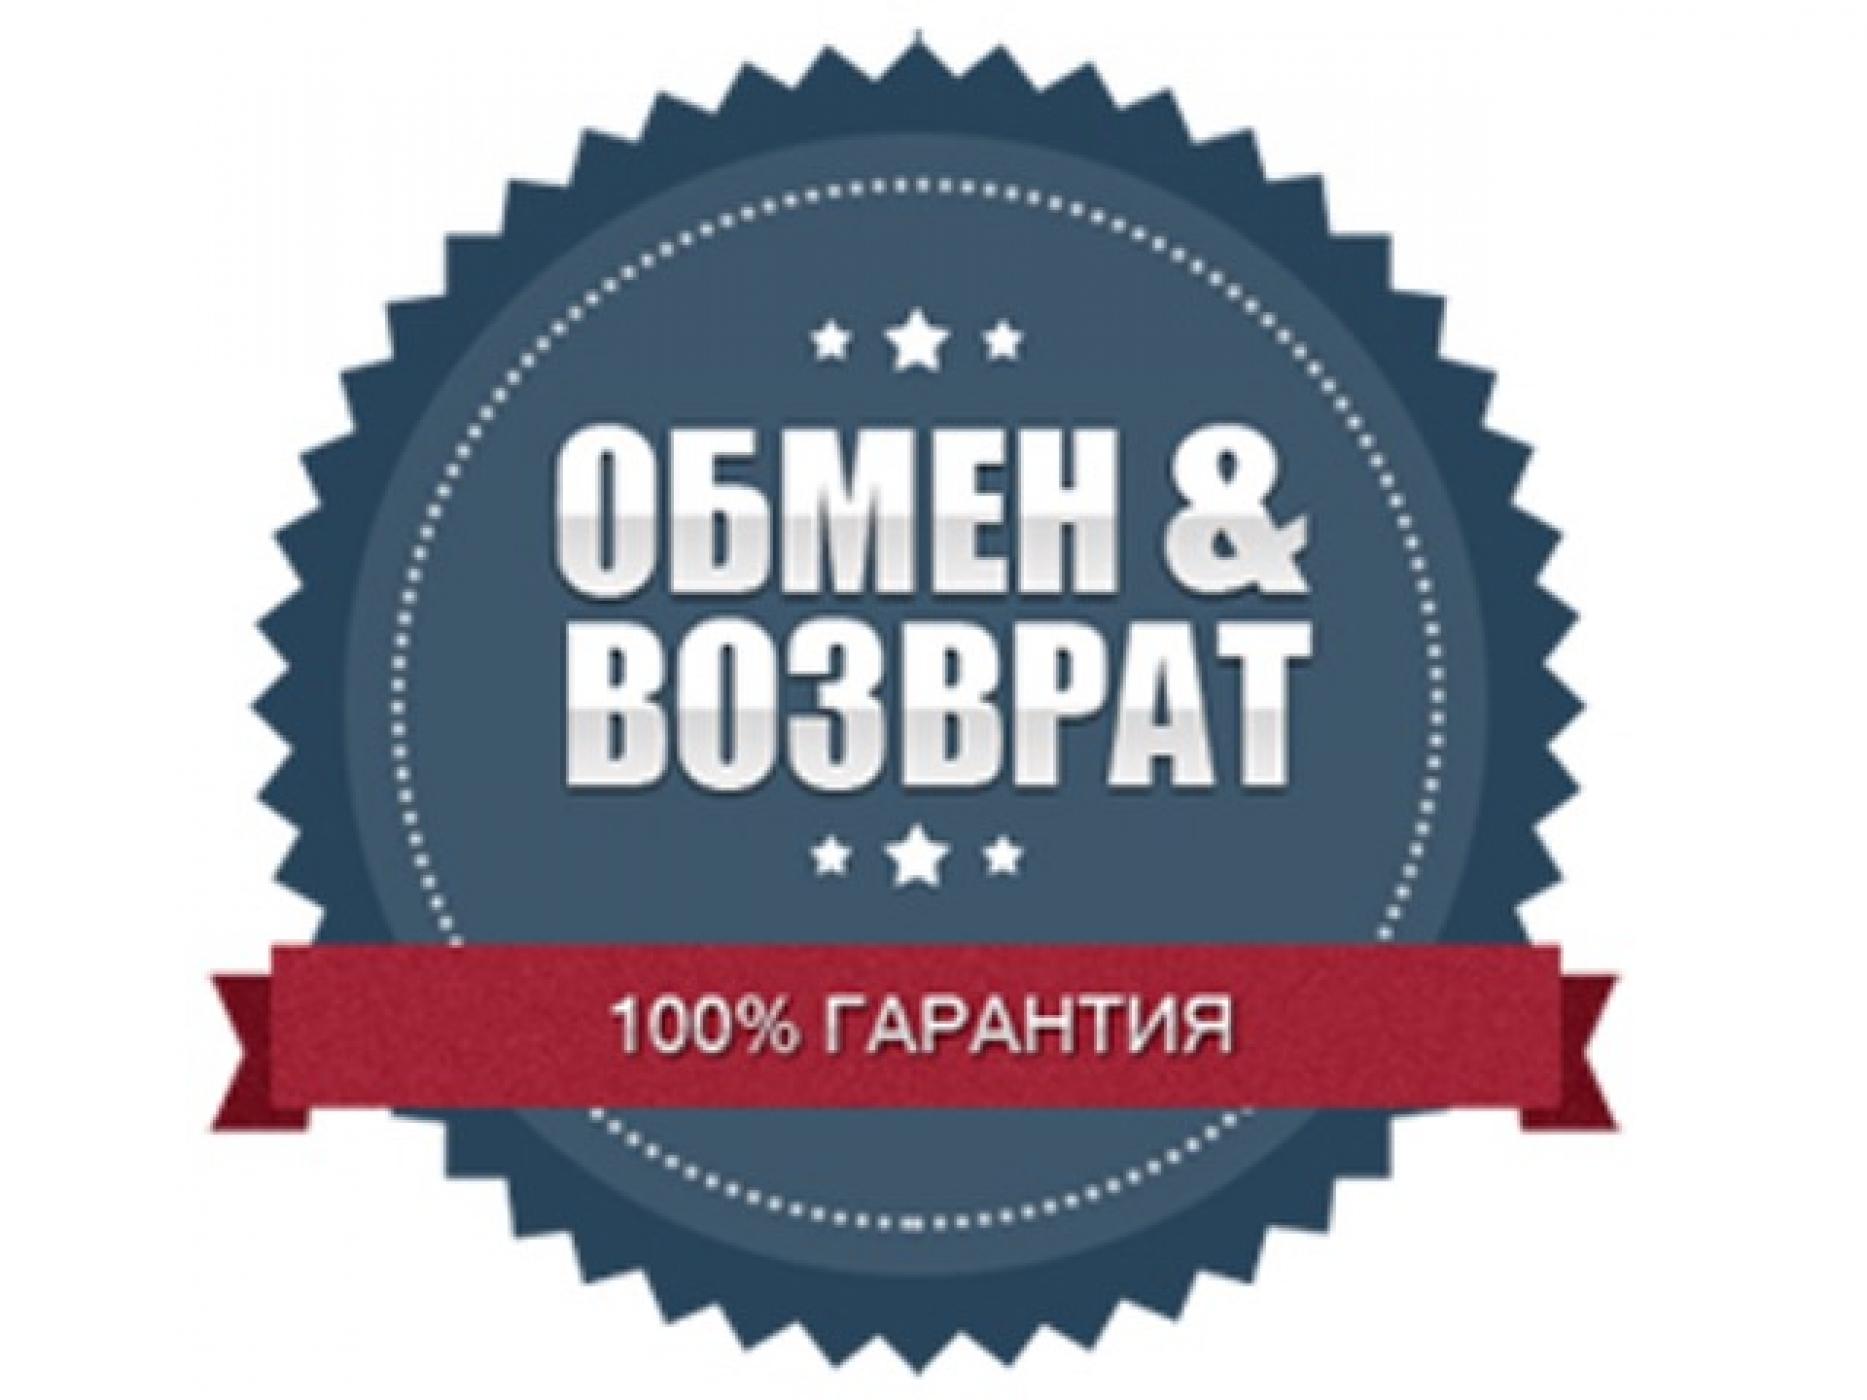 Условия гарантии и возврата товаров и услуг в компании Таргетгрупп